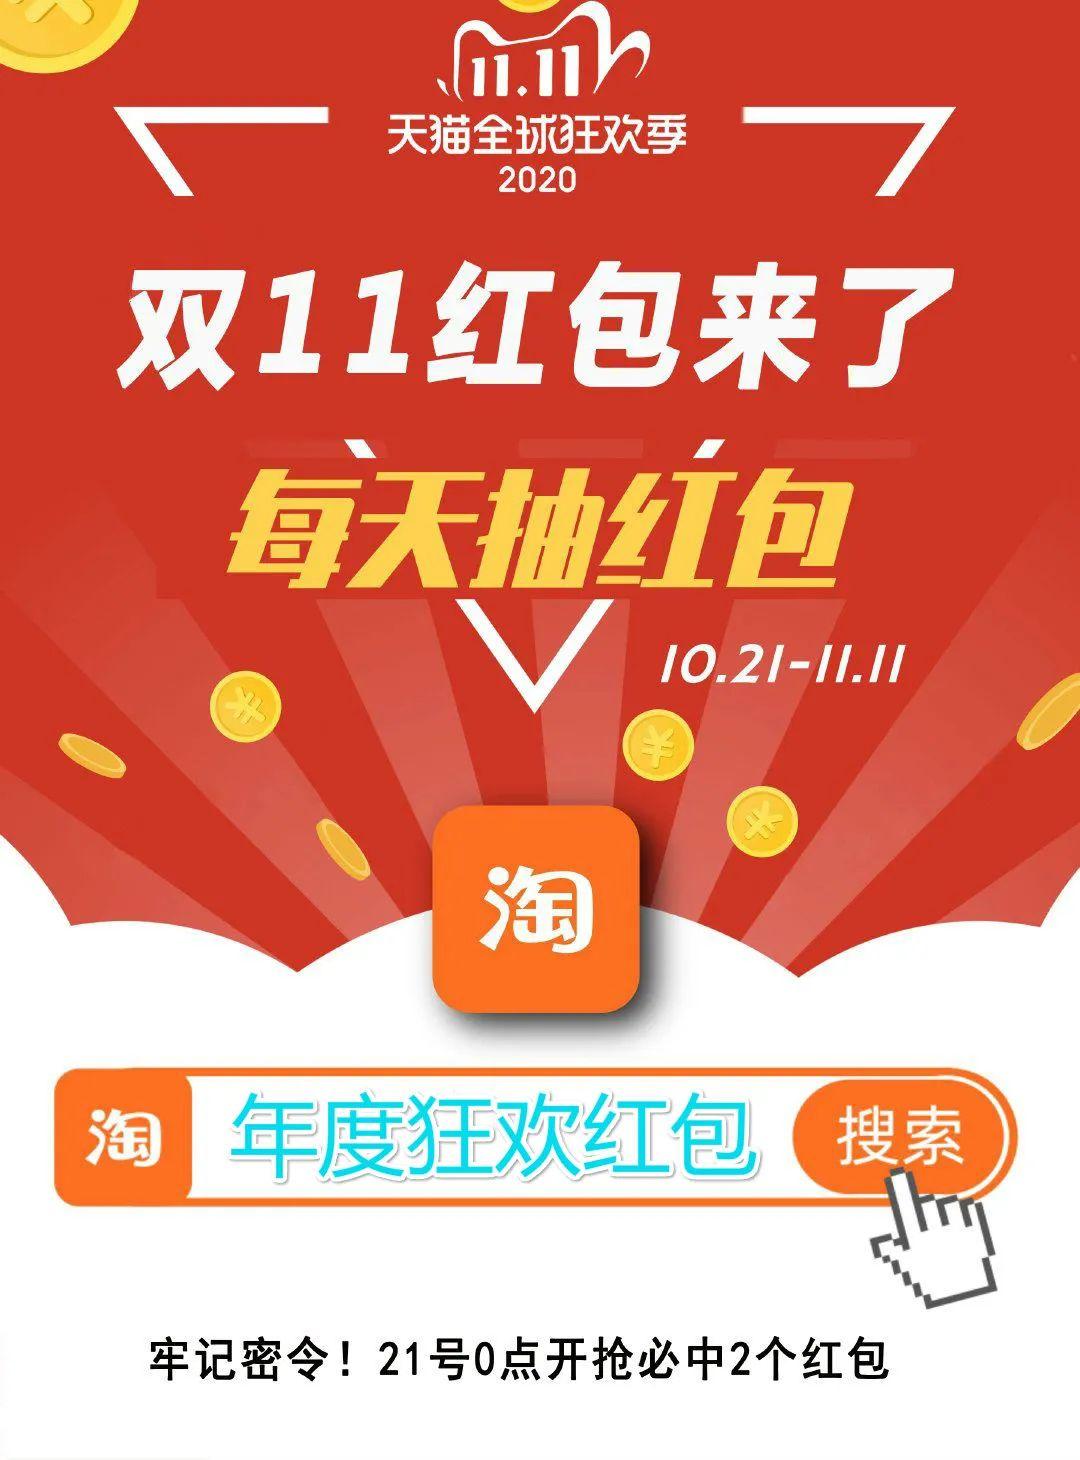 10月21日0点开始抢2020年天猫双十一红包最高1111元!